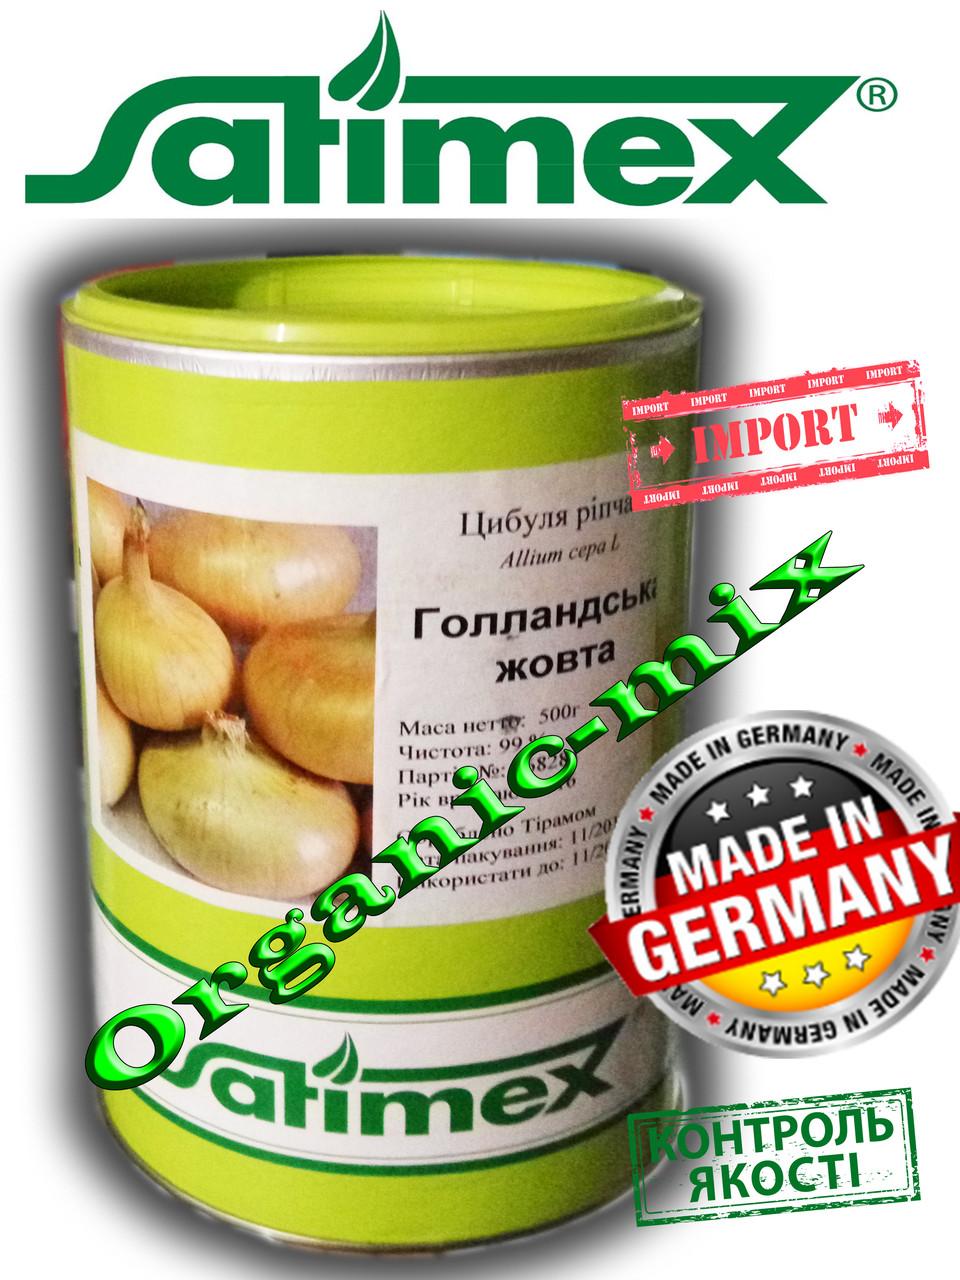 Семена лука Голландский желтый, обработанные Тирамом, 500 грамм банка, Satimex (Германия)